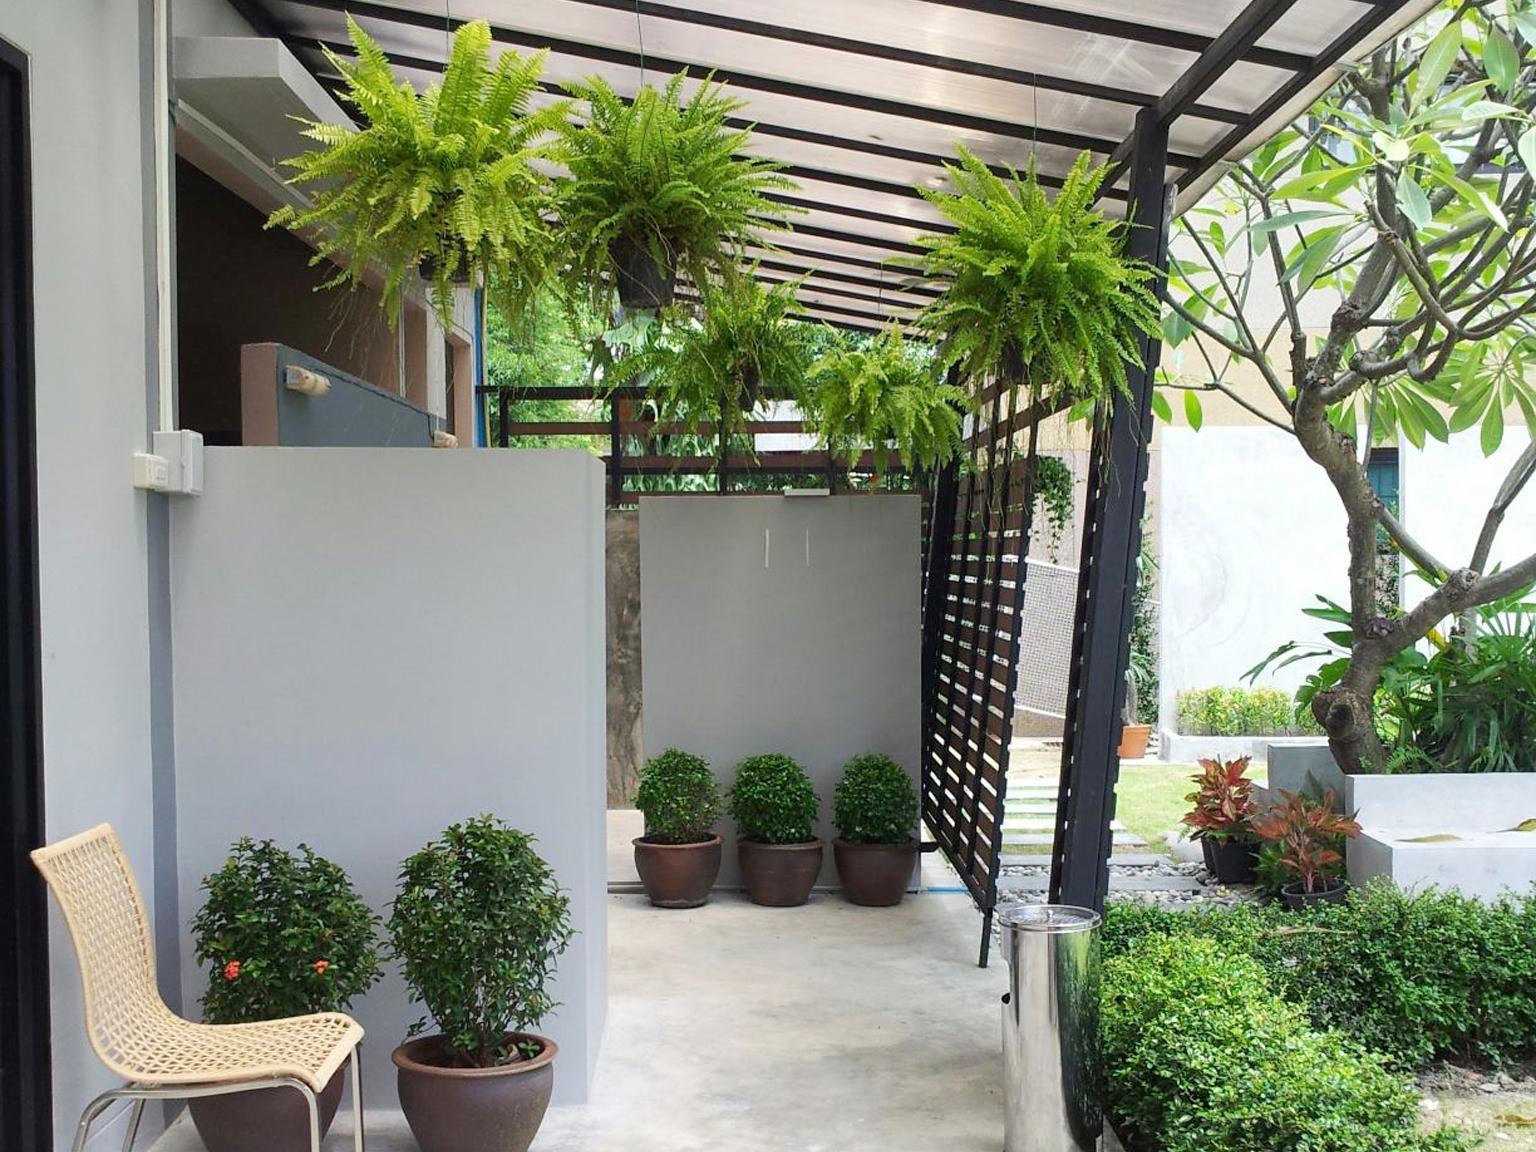 โรงแรมศรีสมไทย